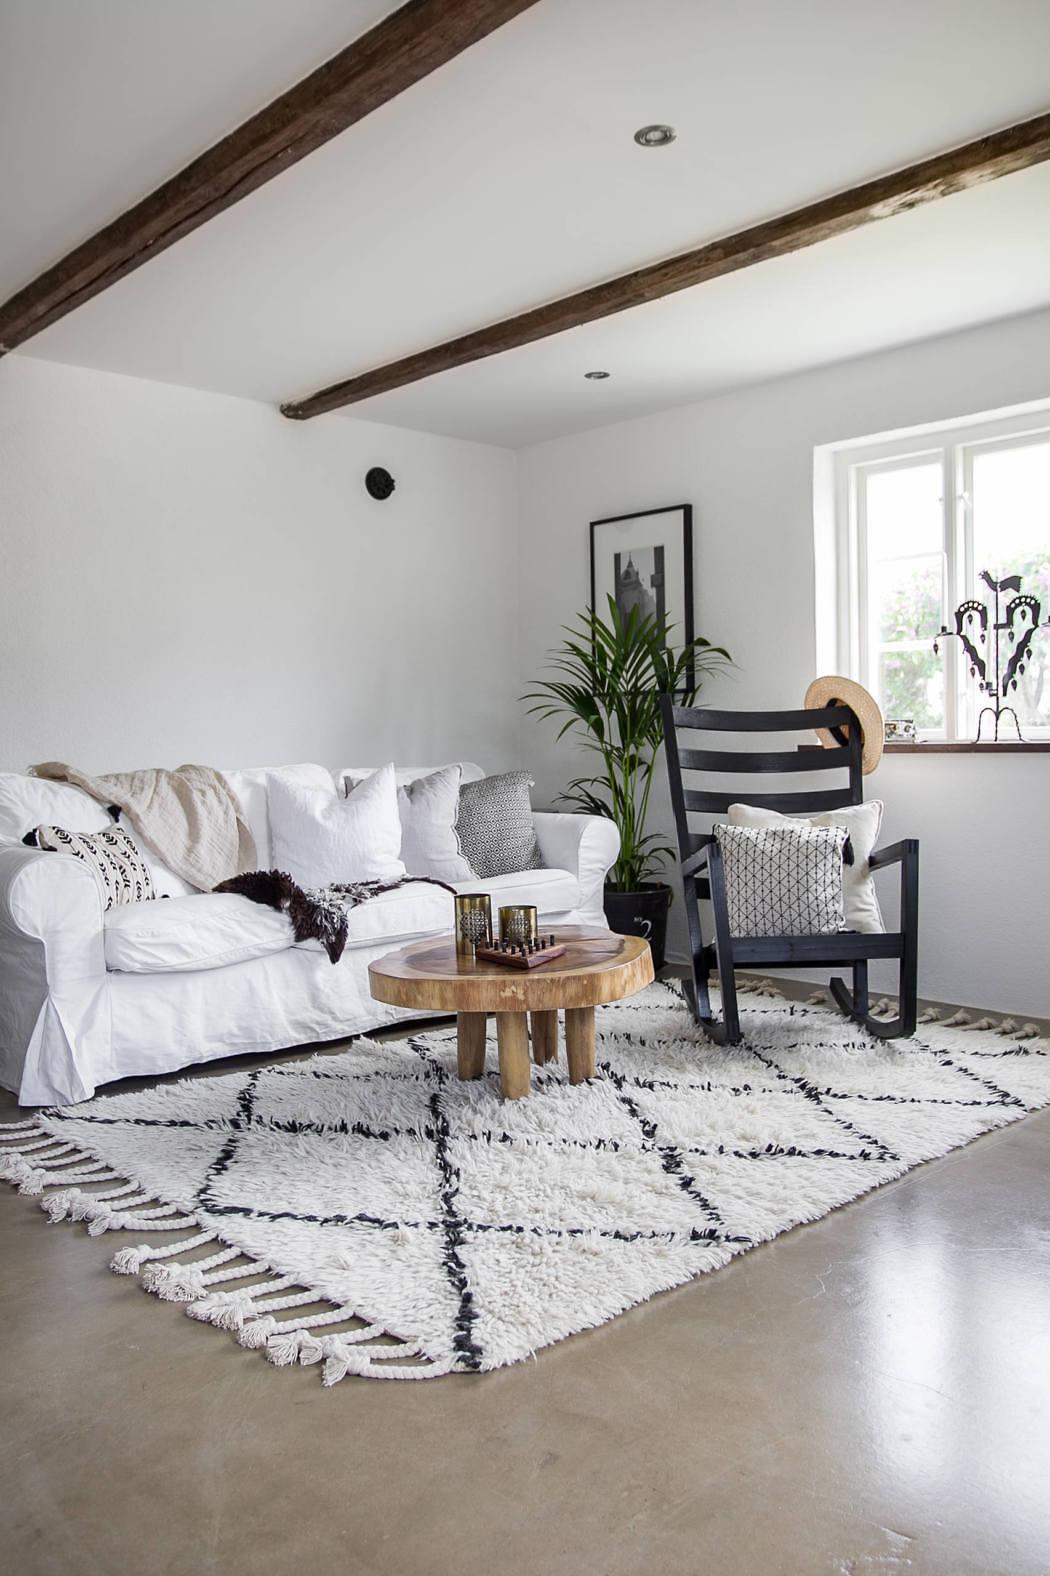 Appartamento in stile country l 39 eleganza dolce di un for Piani di casa stile scandole